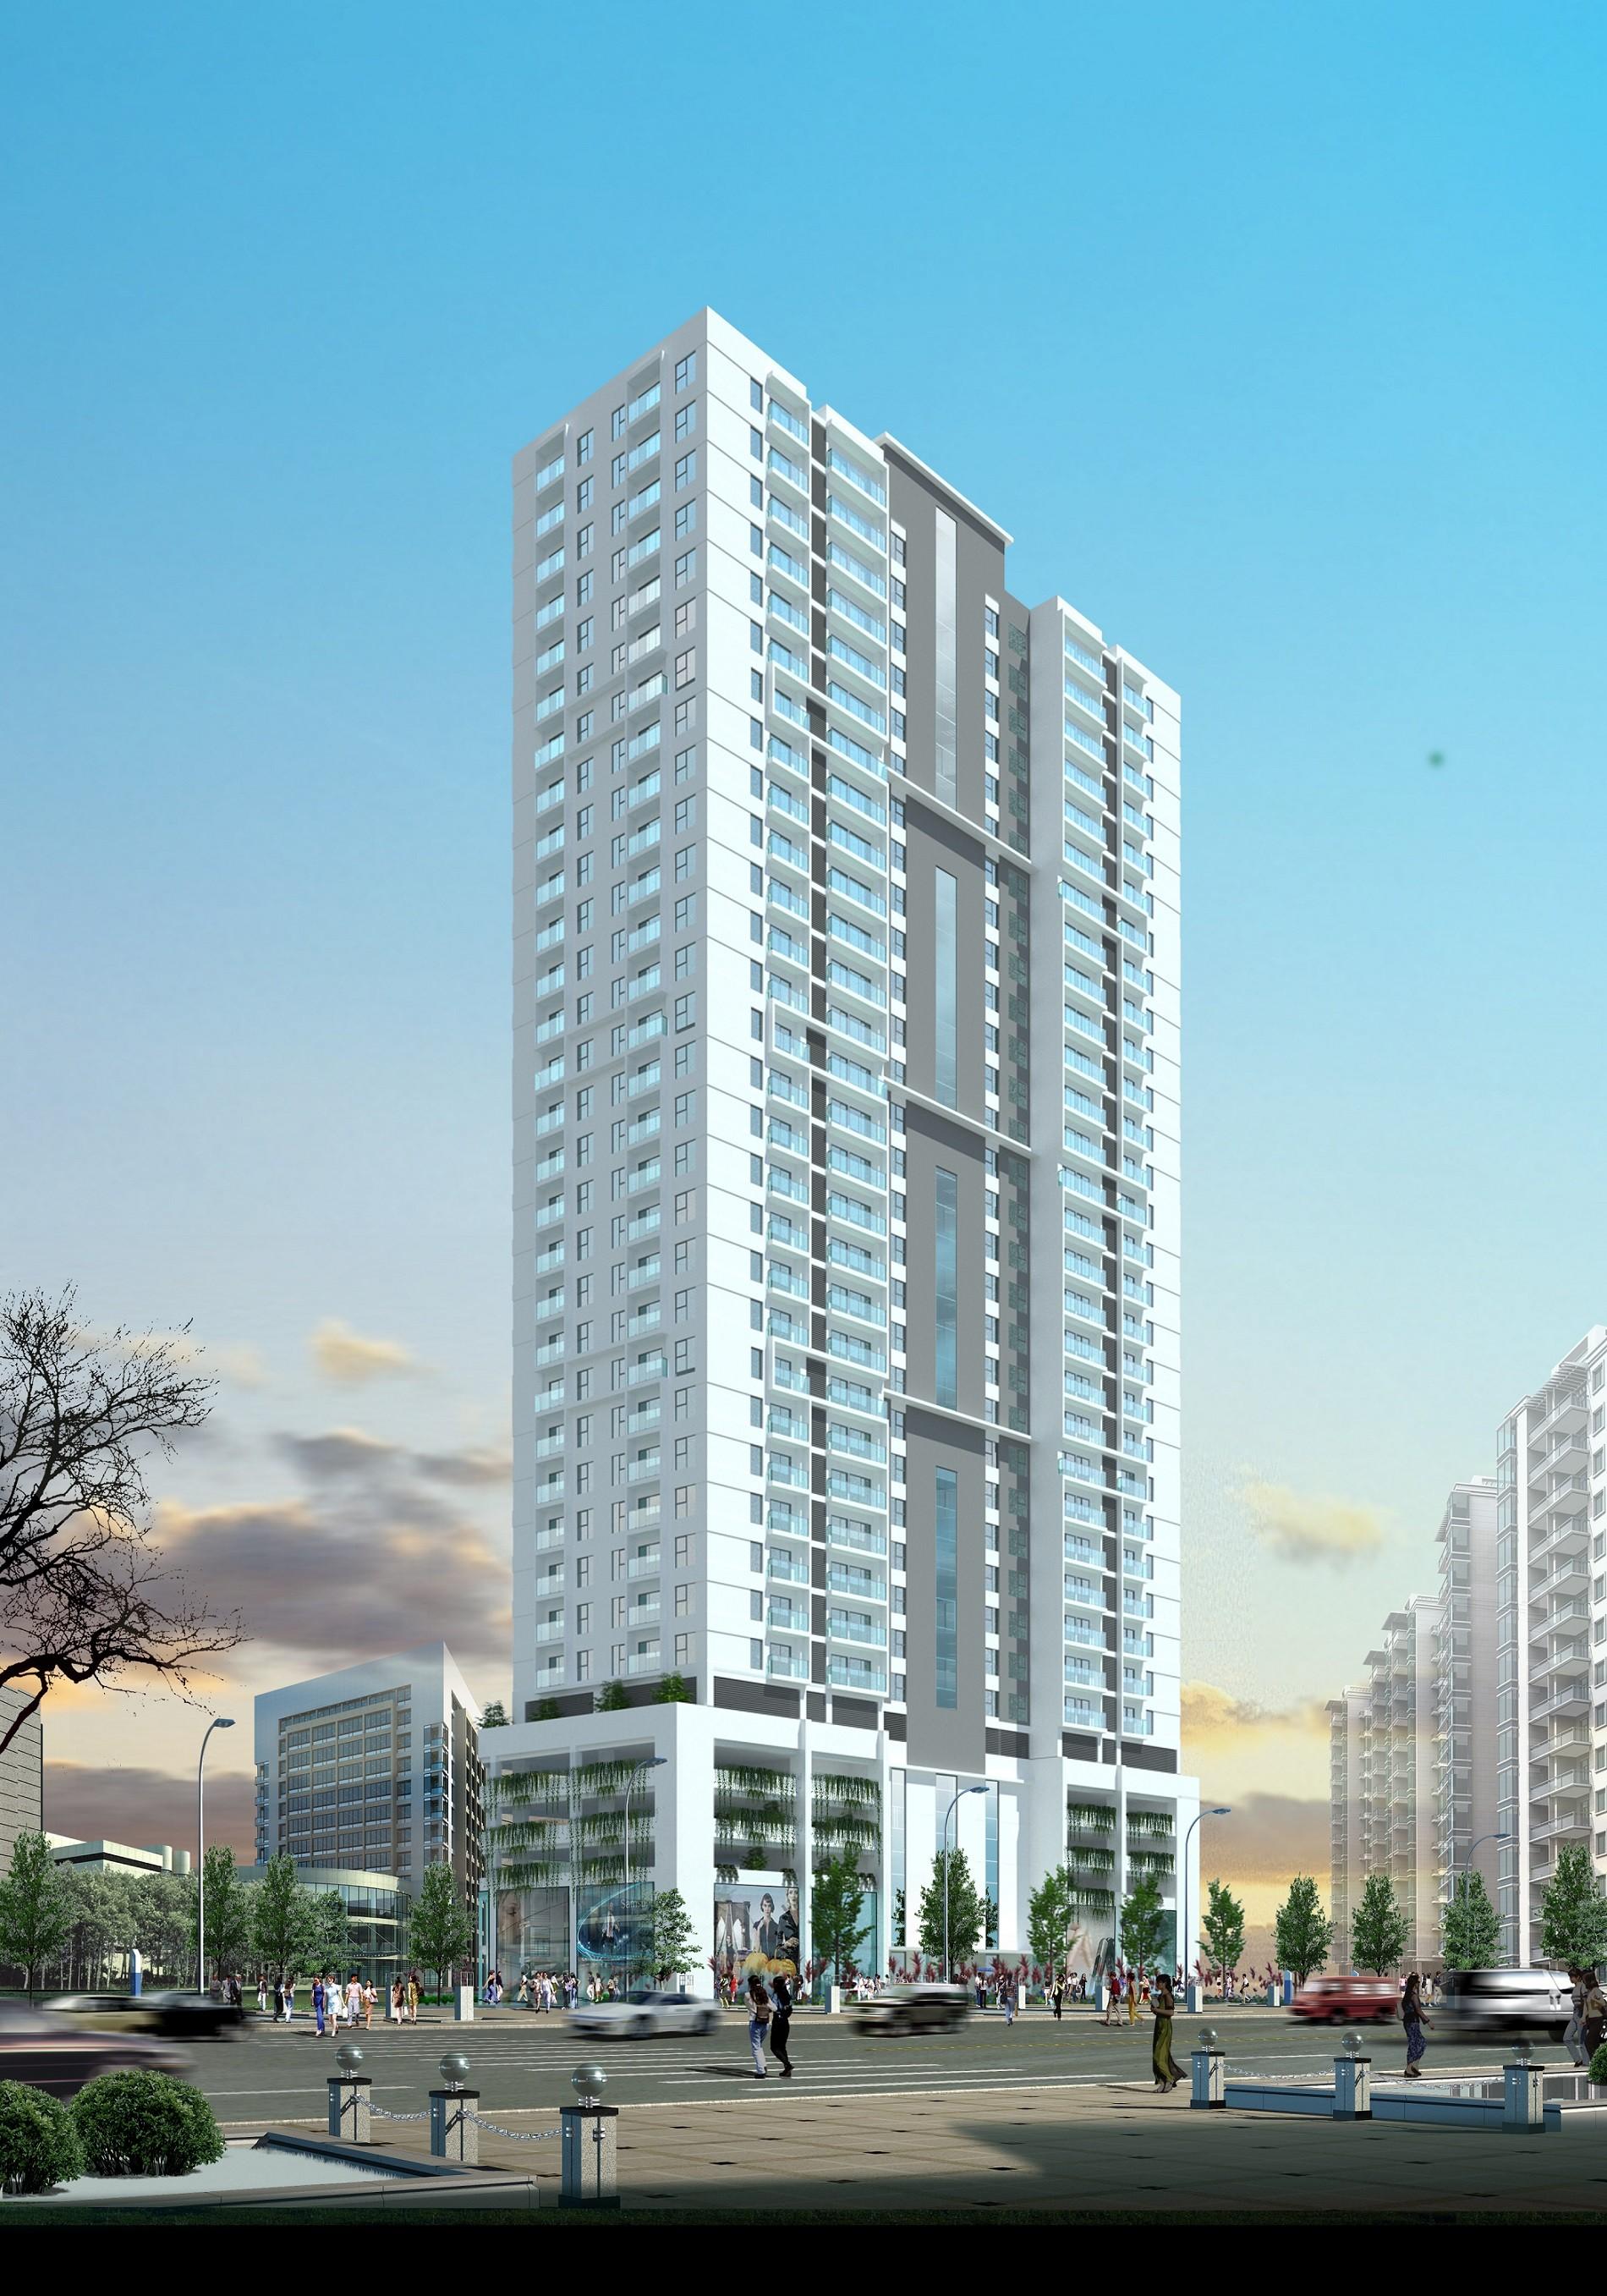 Bất động sản - Mua Xuân Mai Riverside nhận ngay nhà, lãi suất 0% trong 12 tháng (Hình 6).